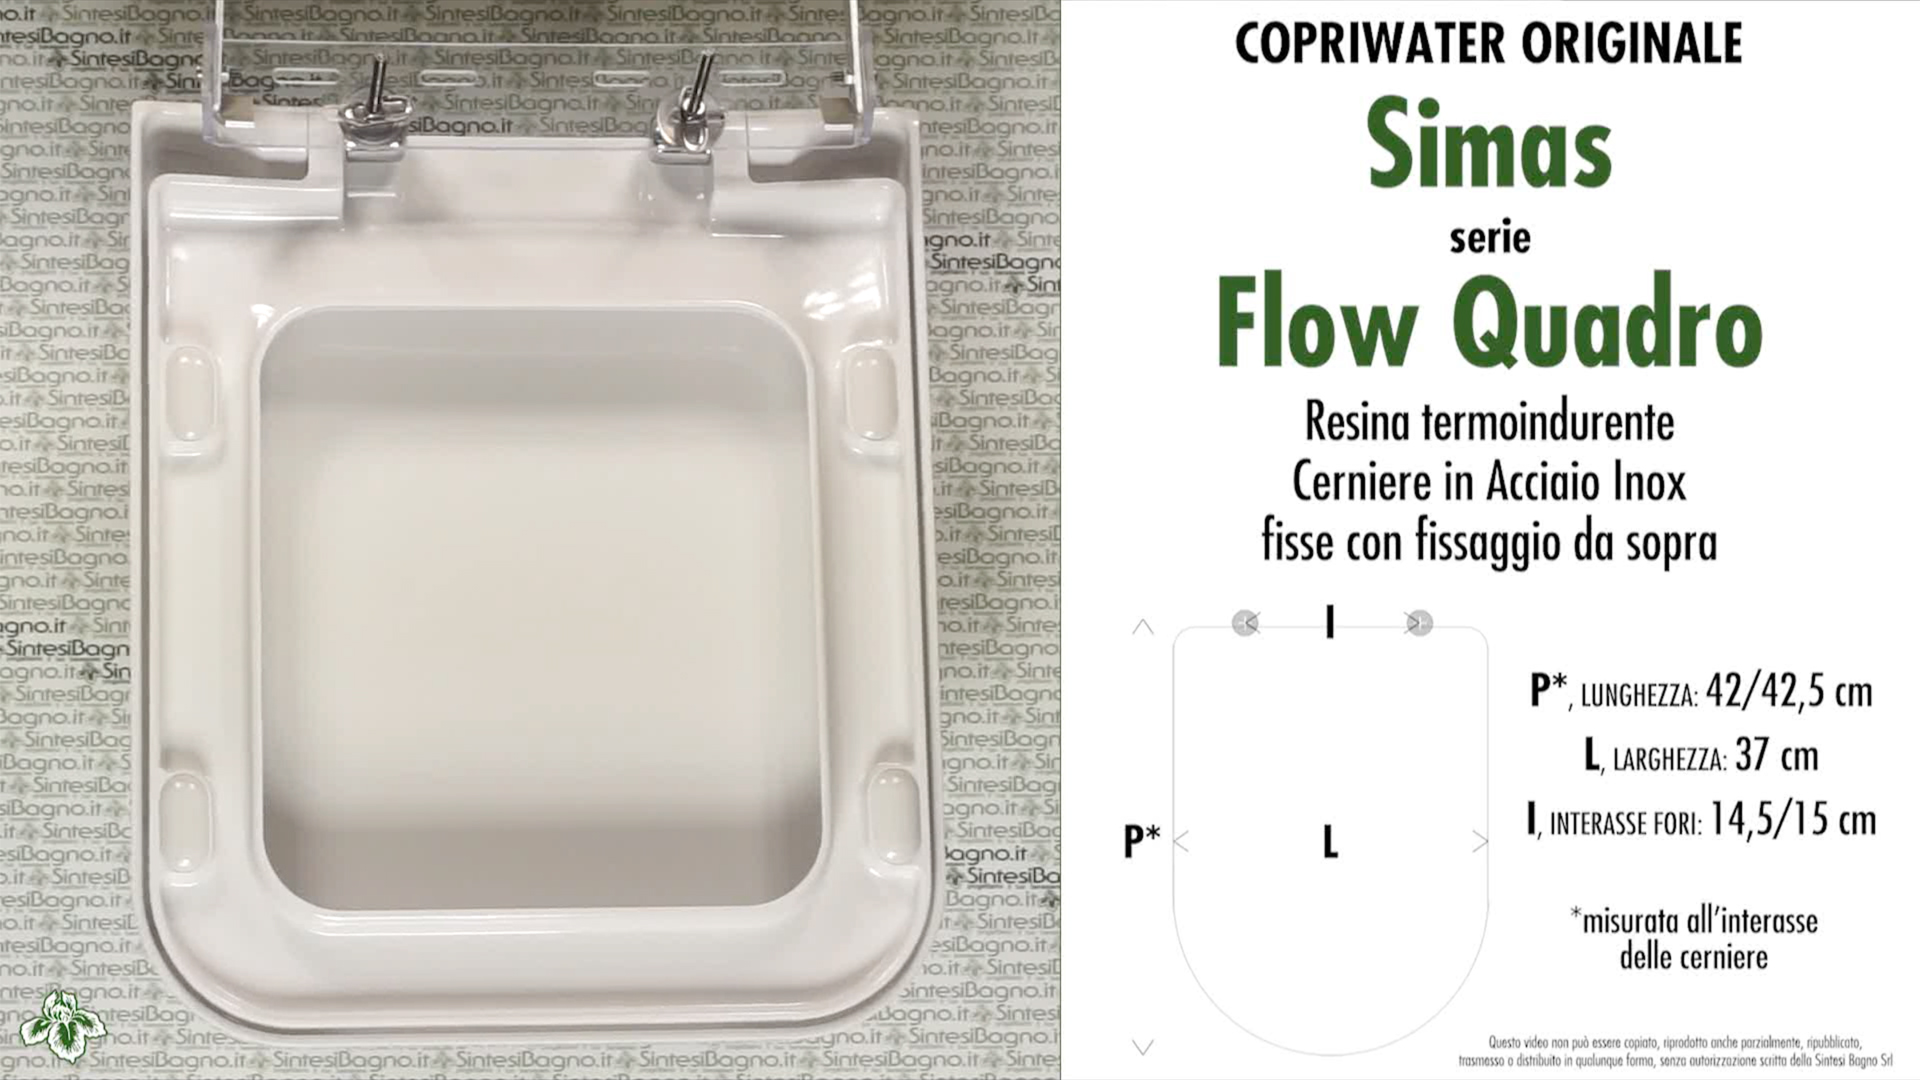 SCHEDA TECNICA MISURE copriwater SIMAS FLOW